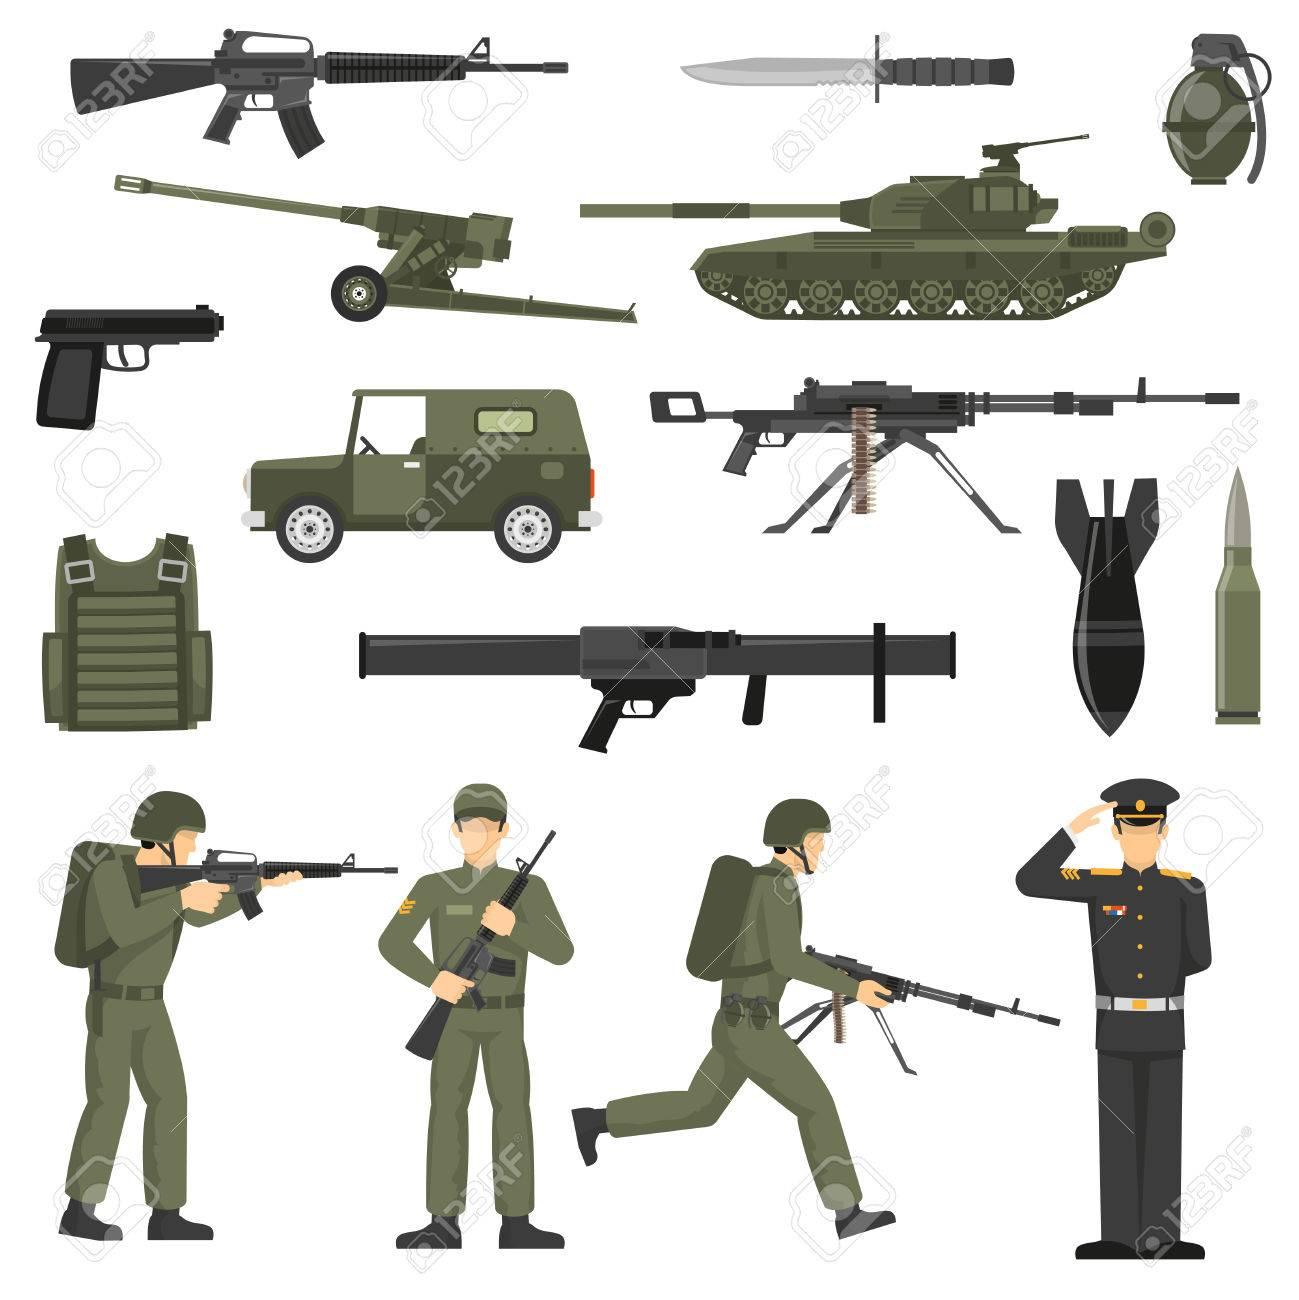 軍軍隊の兵士役員軍人弾薬武器機械オリーブ カーキ抽象的なベクトル